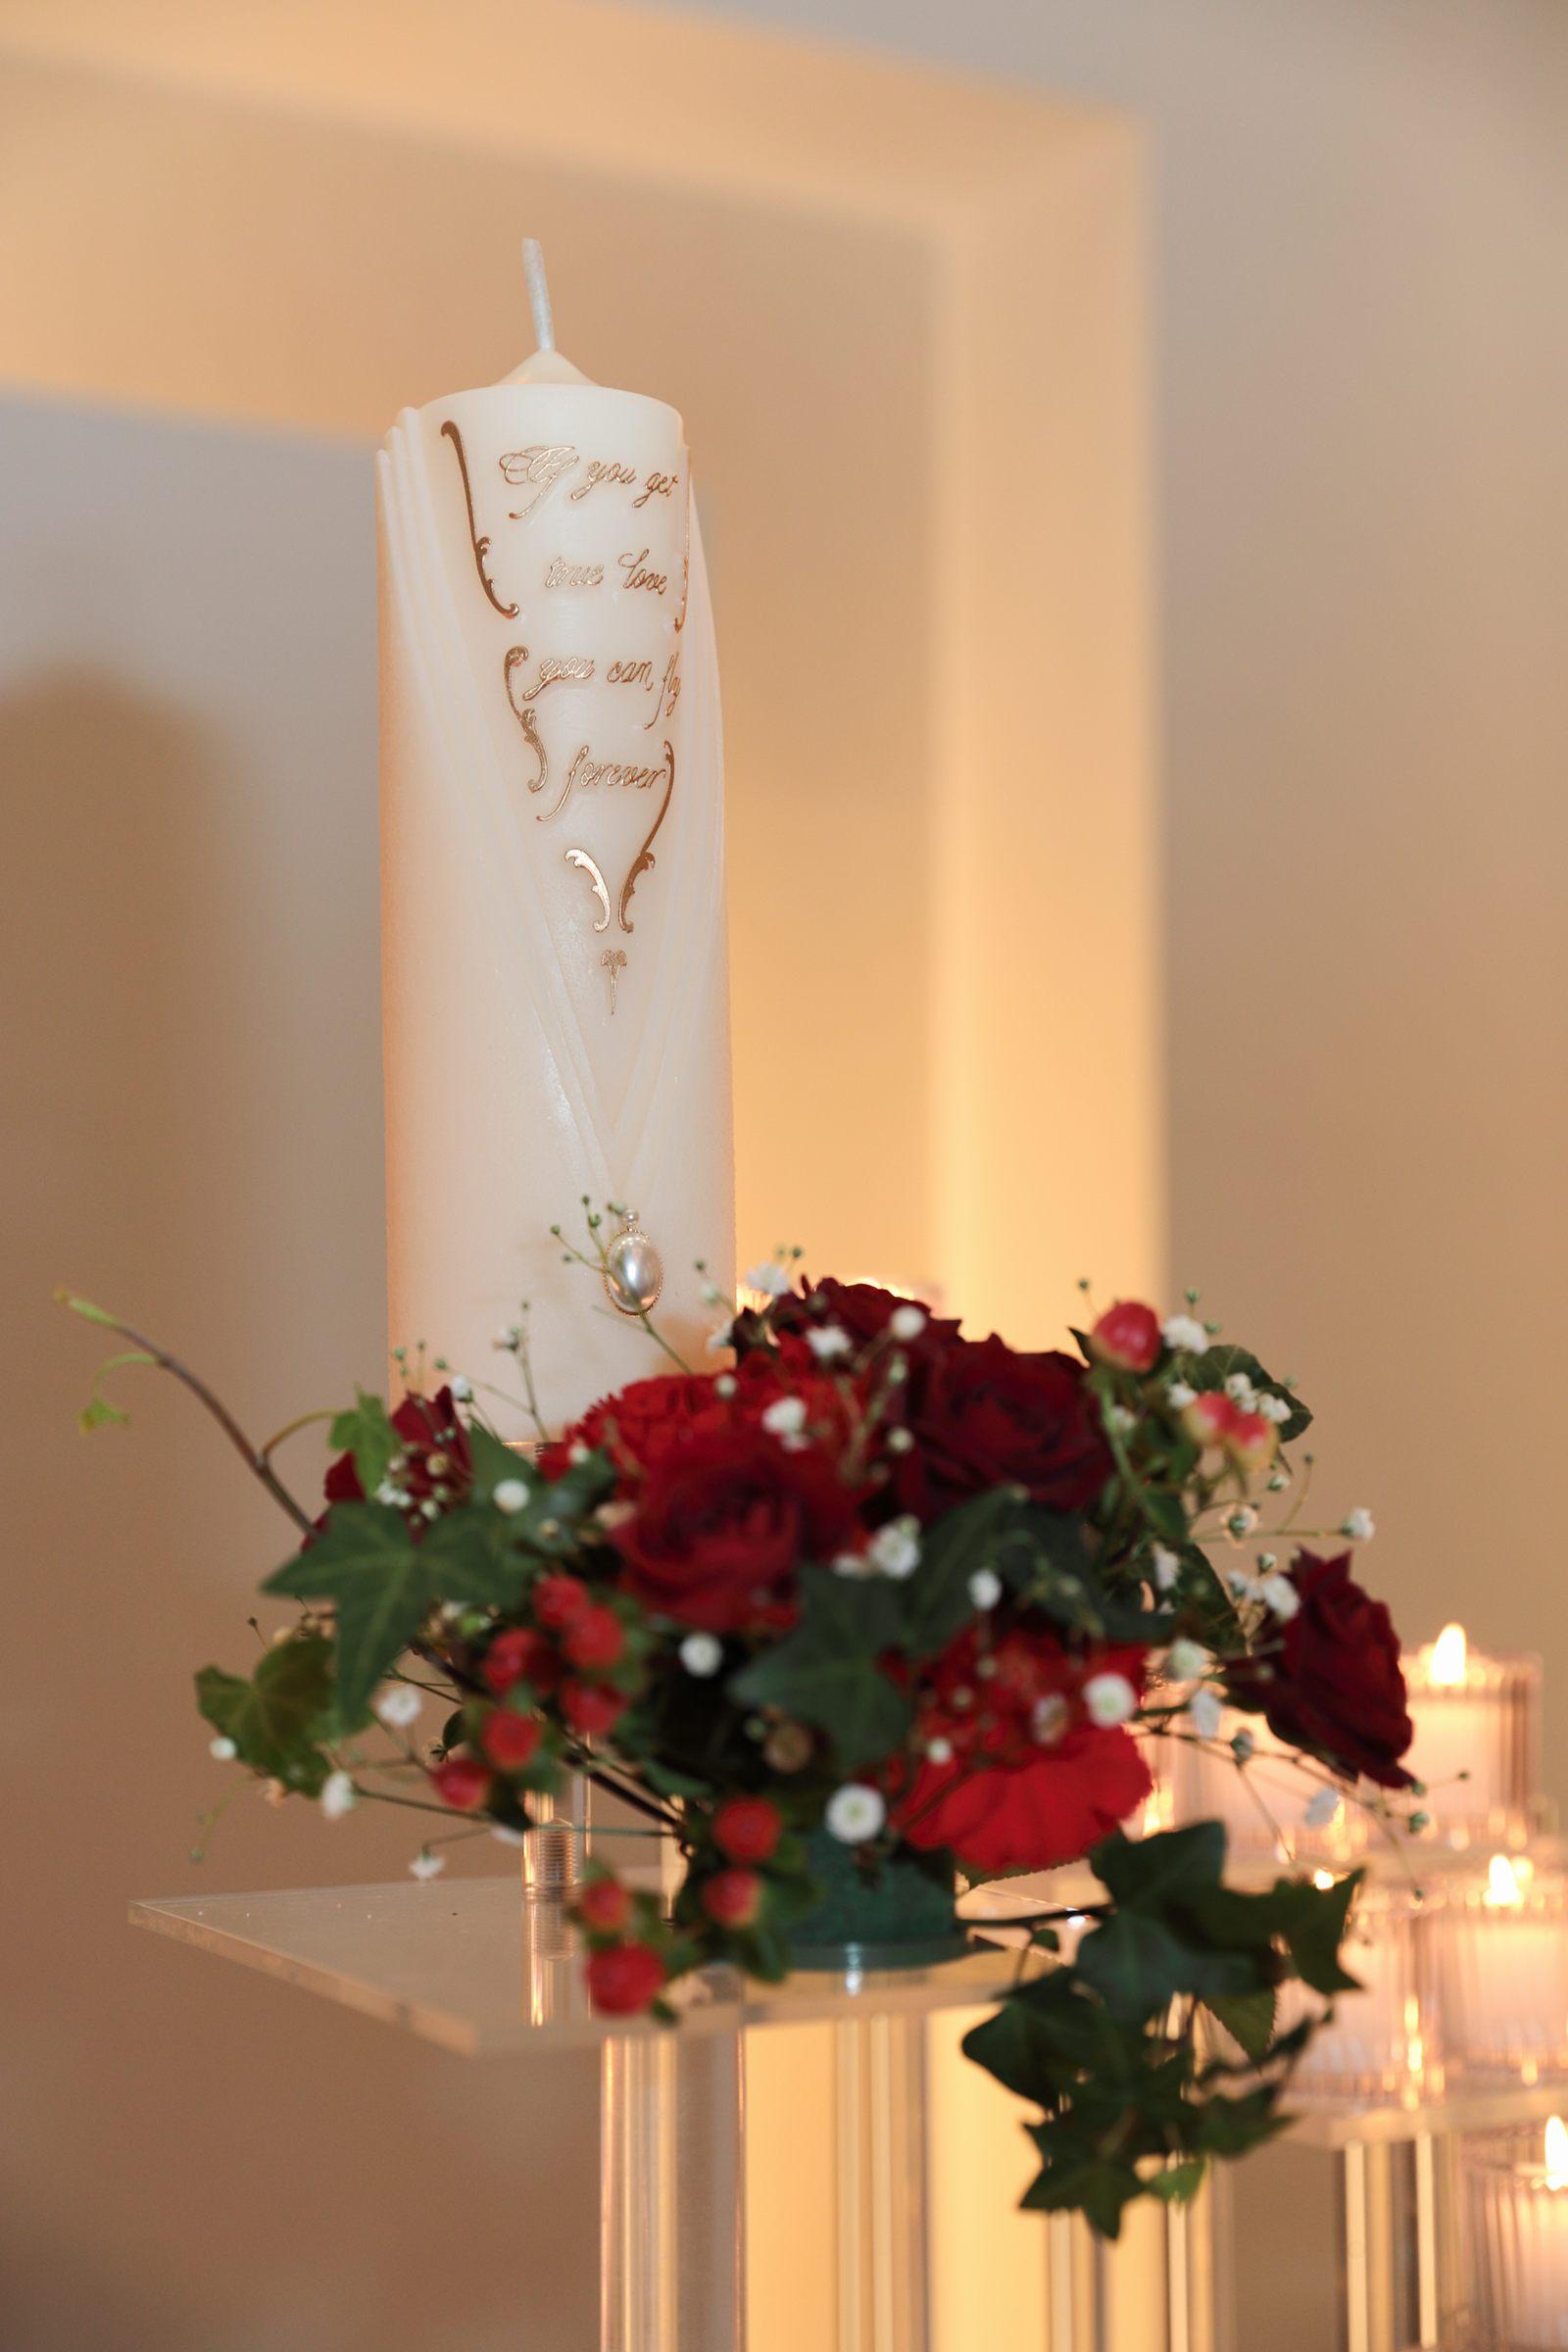 香川の結婚式場シェルエメール&アイスタイル メインキャンドル